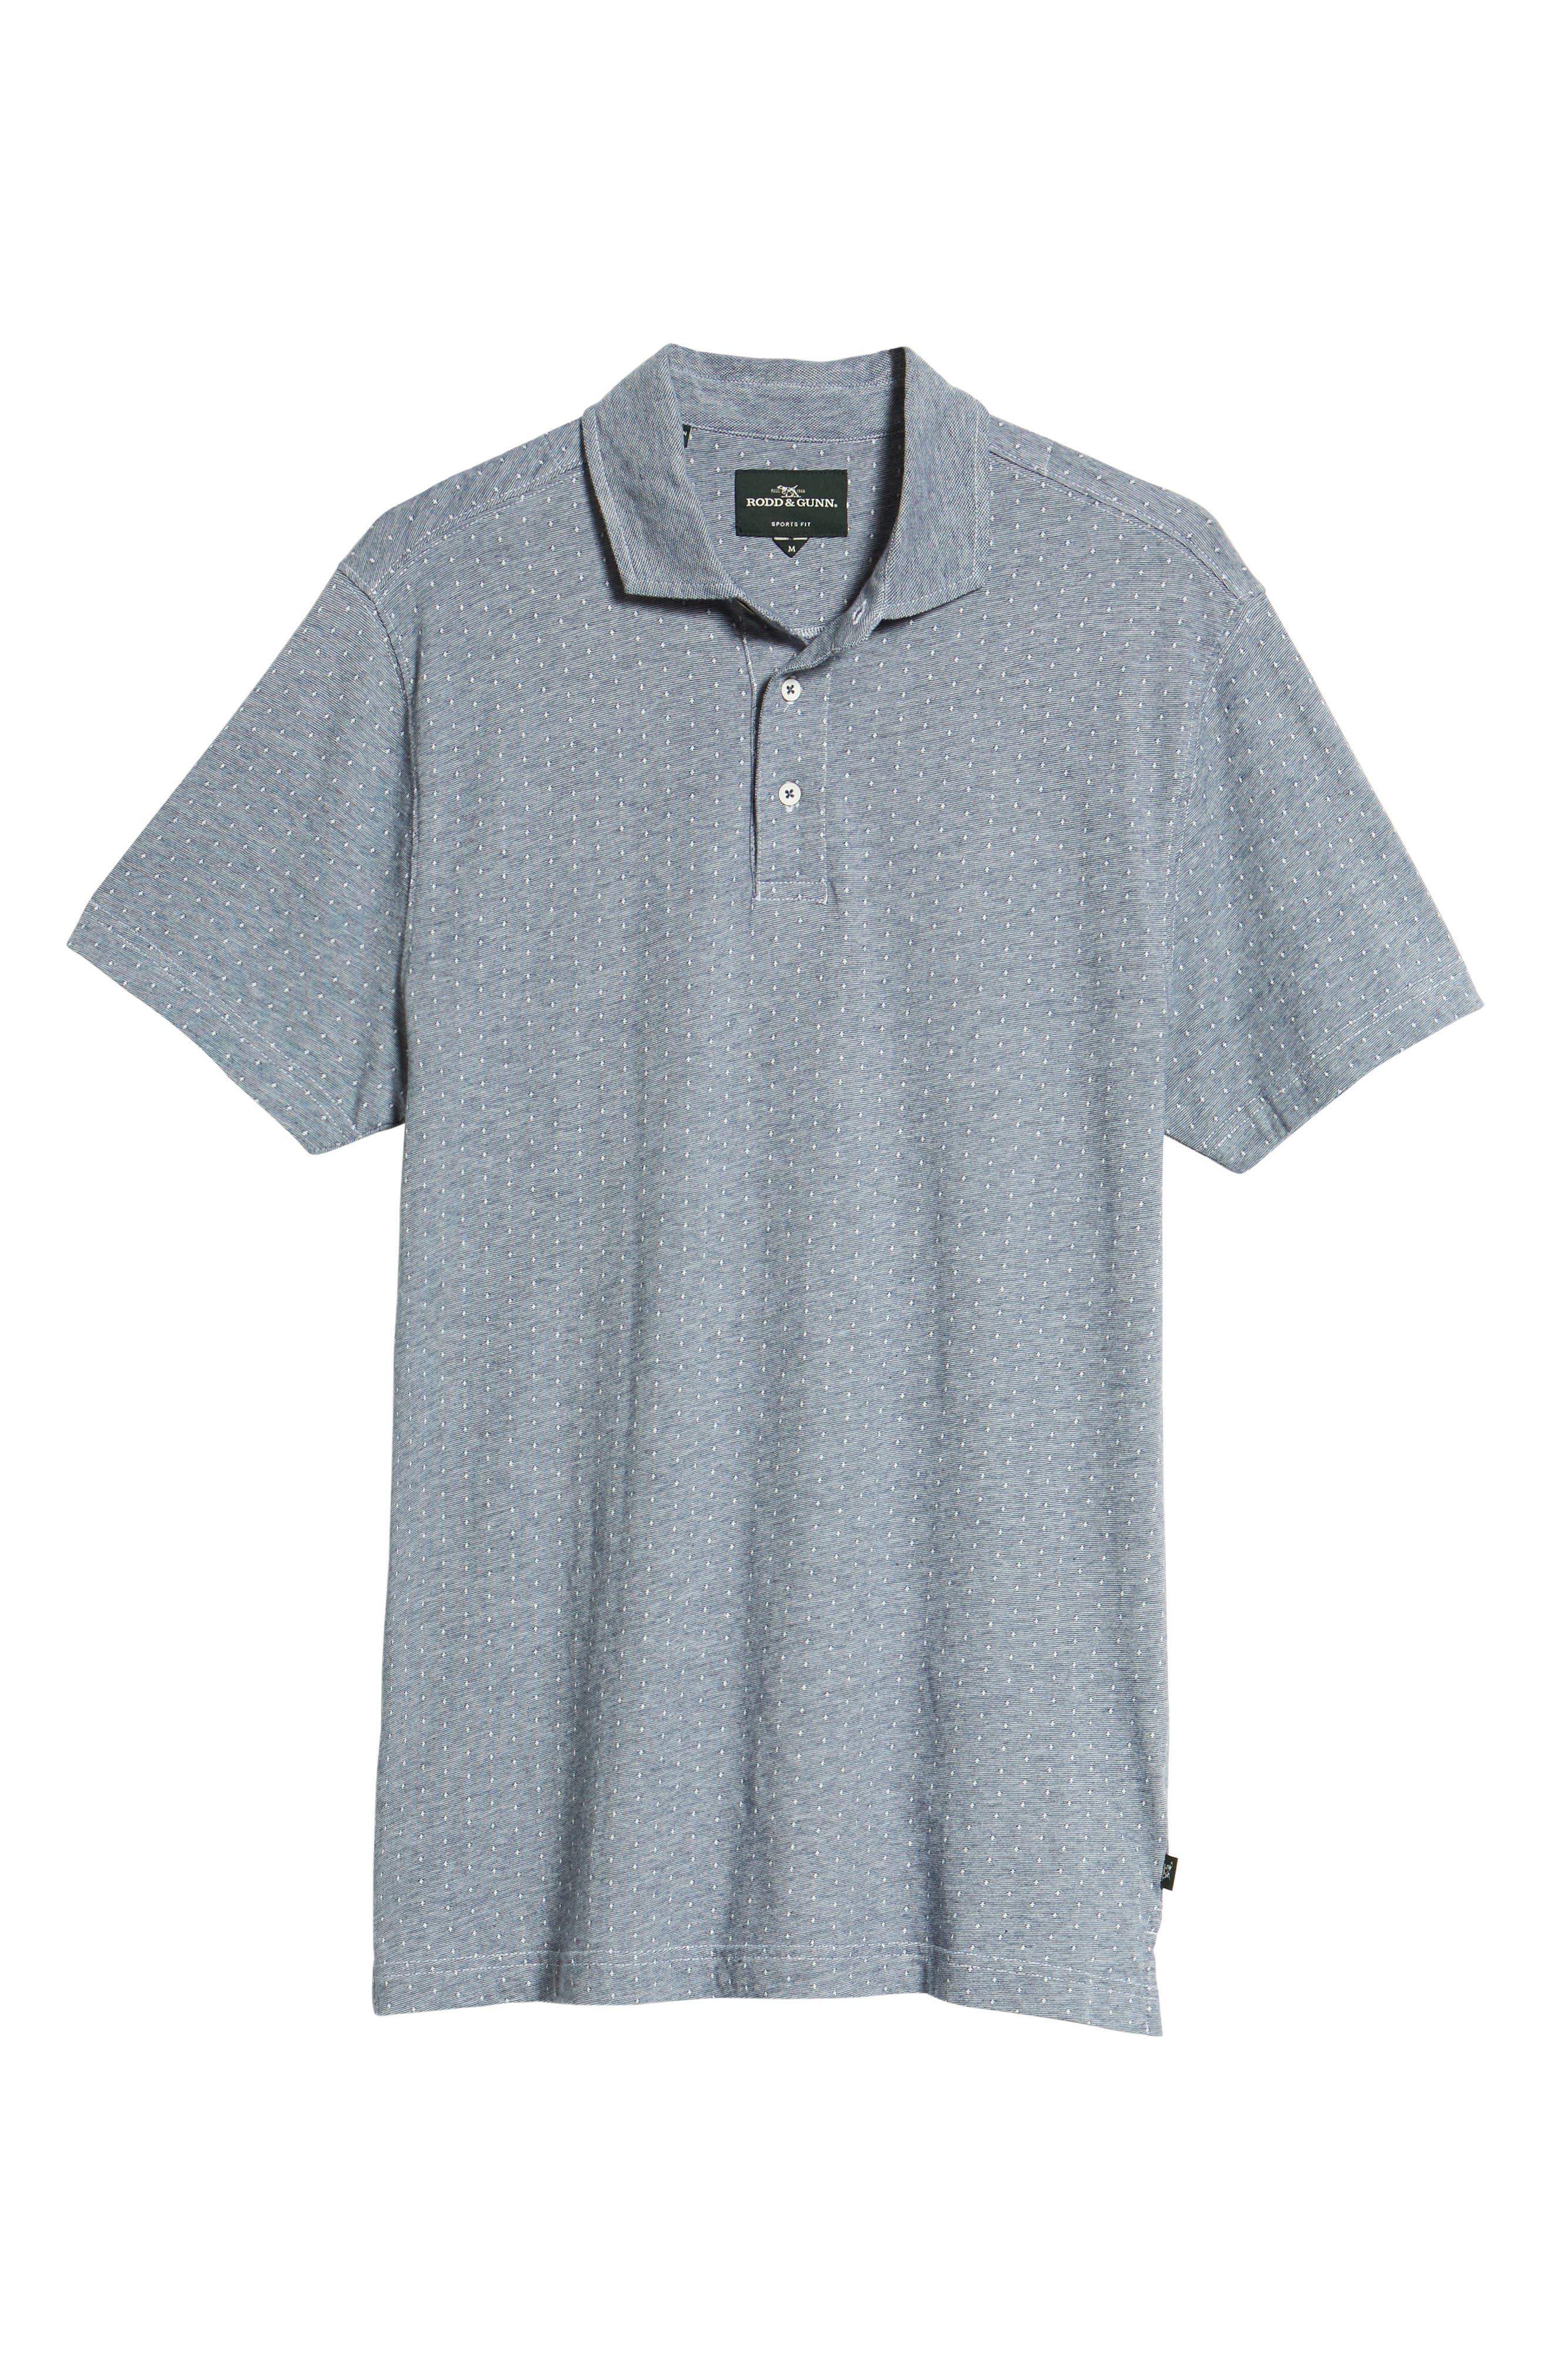 Parkhurst Regular Fit Polo,                             Alternate thumbnail 6, color,                             Navy